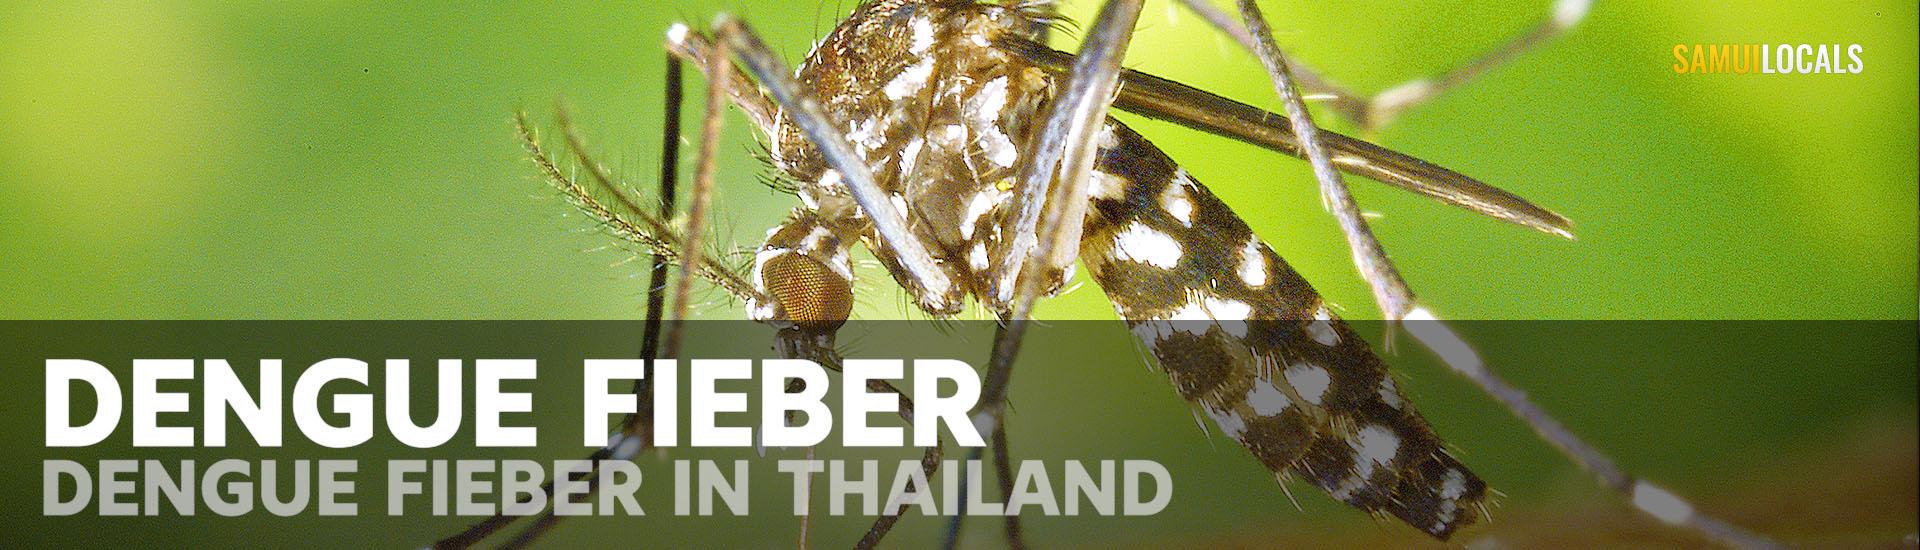 dengue_fieber_thailand_koh_samui_mücke_mückenspray